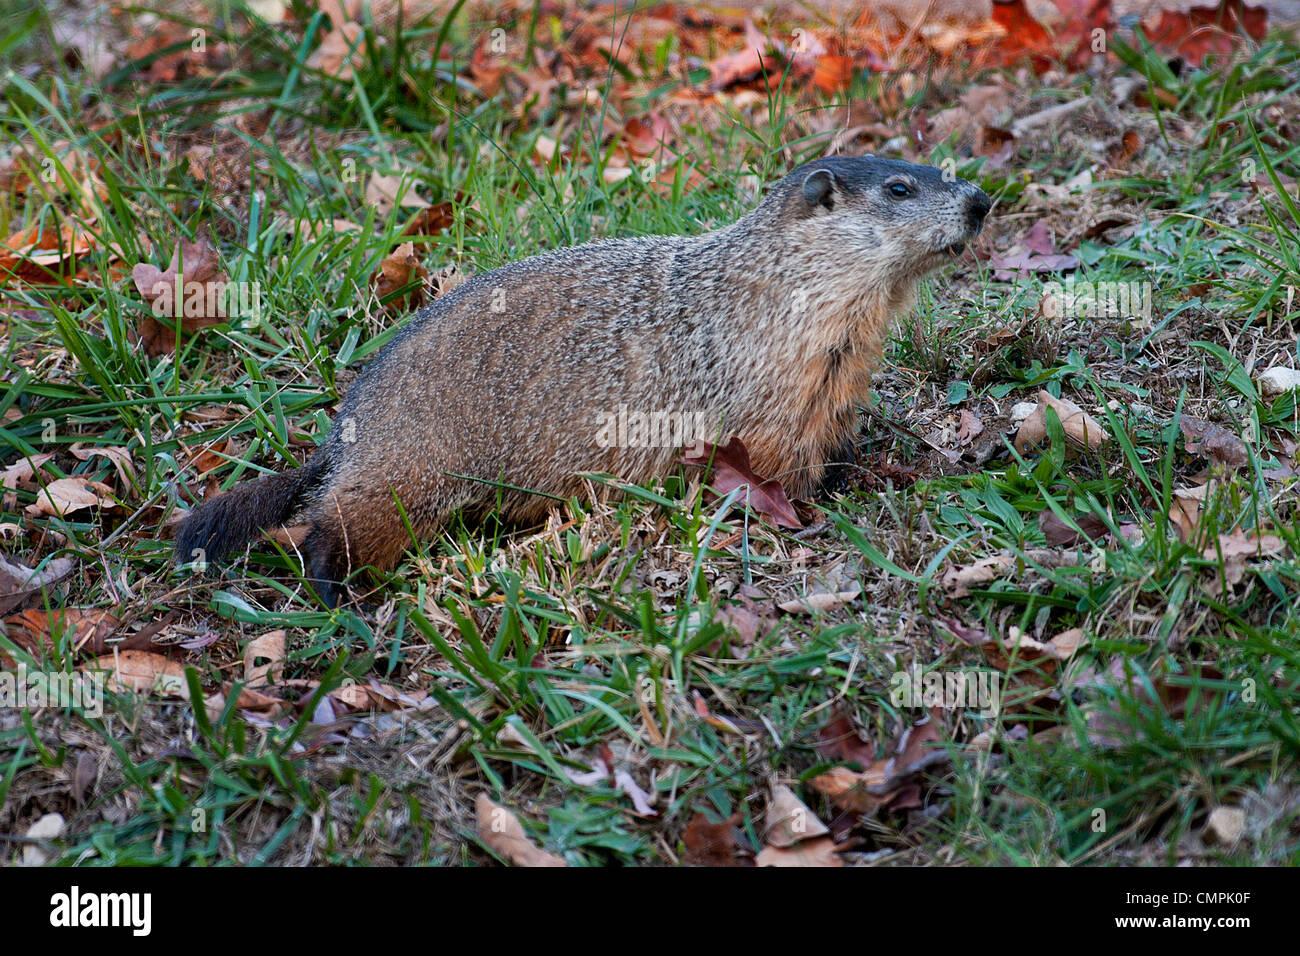 Groundhog, Woodchuck, Marmota monax - Stock Image